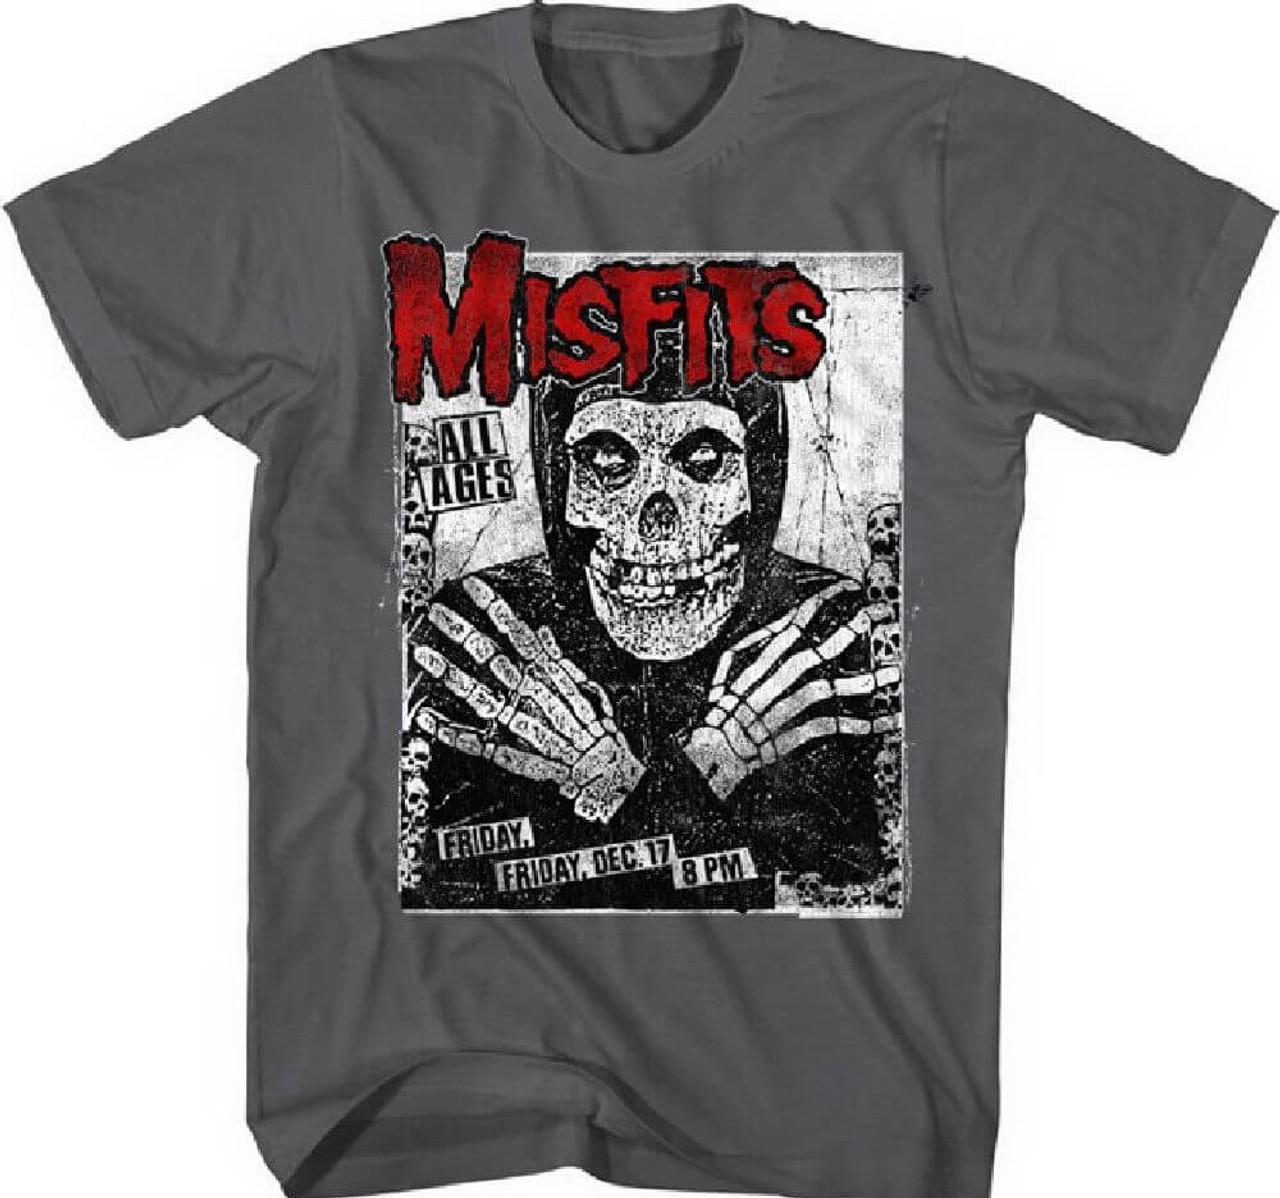 40c1522250572 Misfits Concert Promotional Poster Artwork Men s Gray Vintage Concert T- shirt